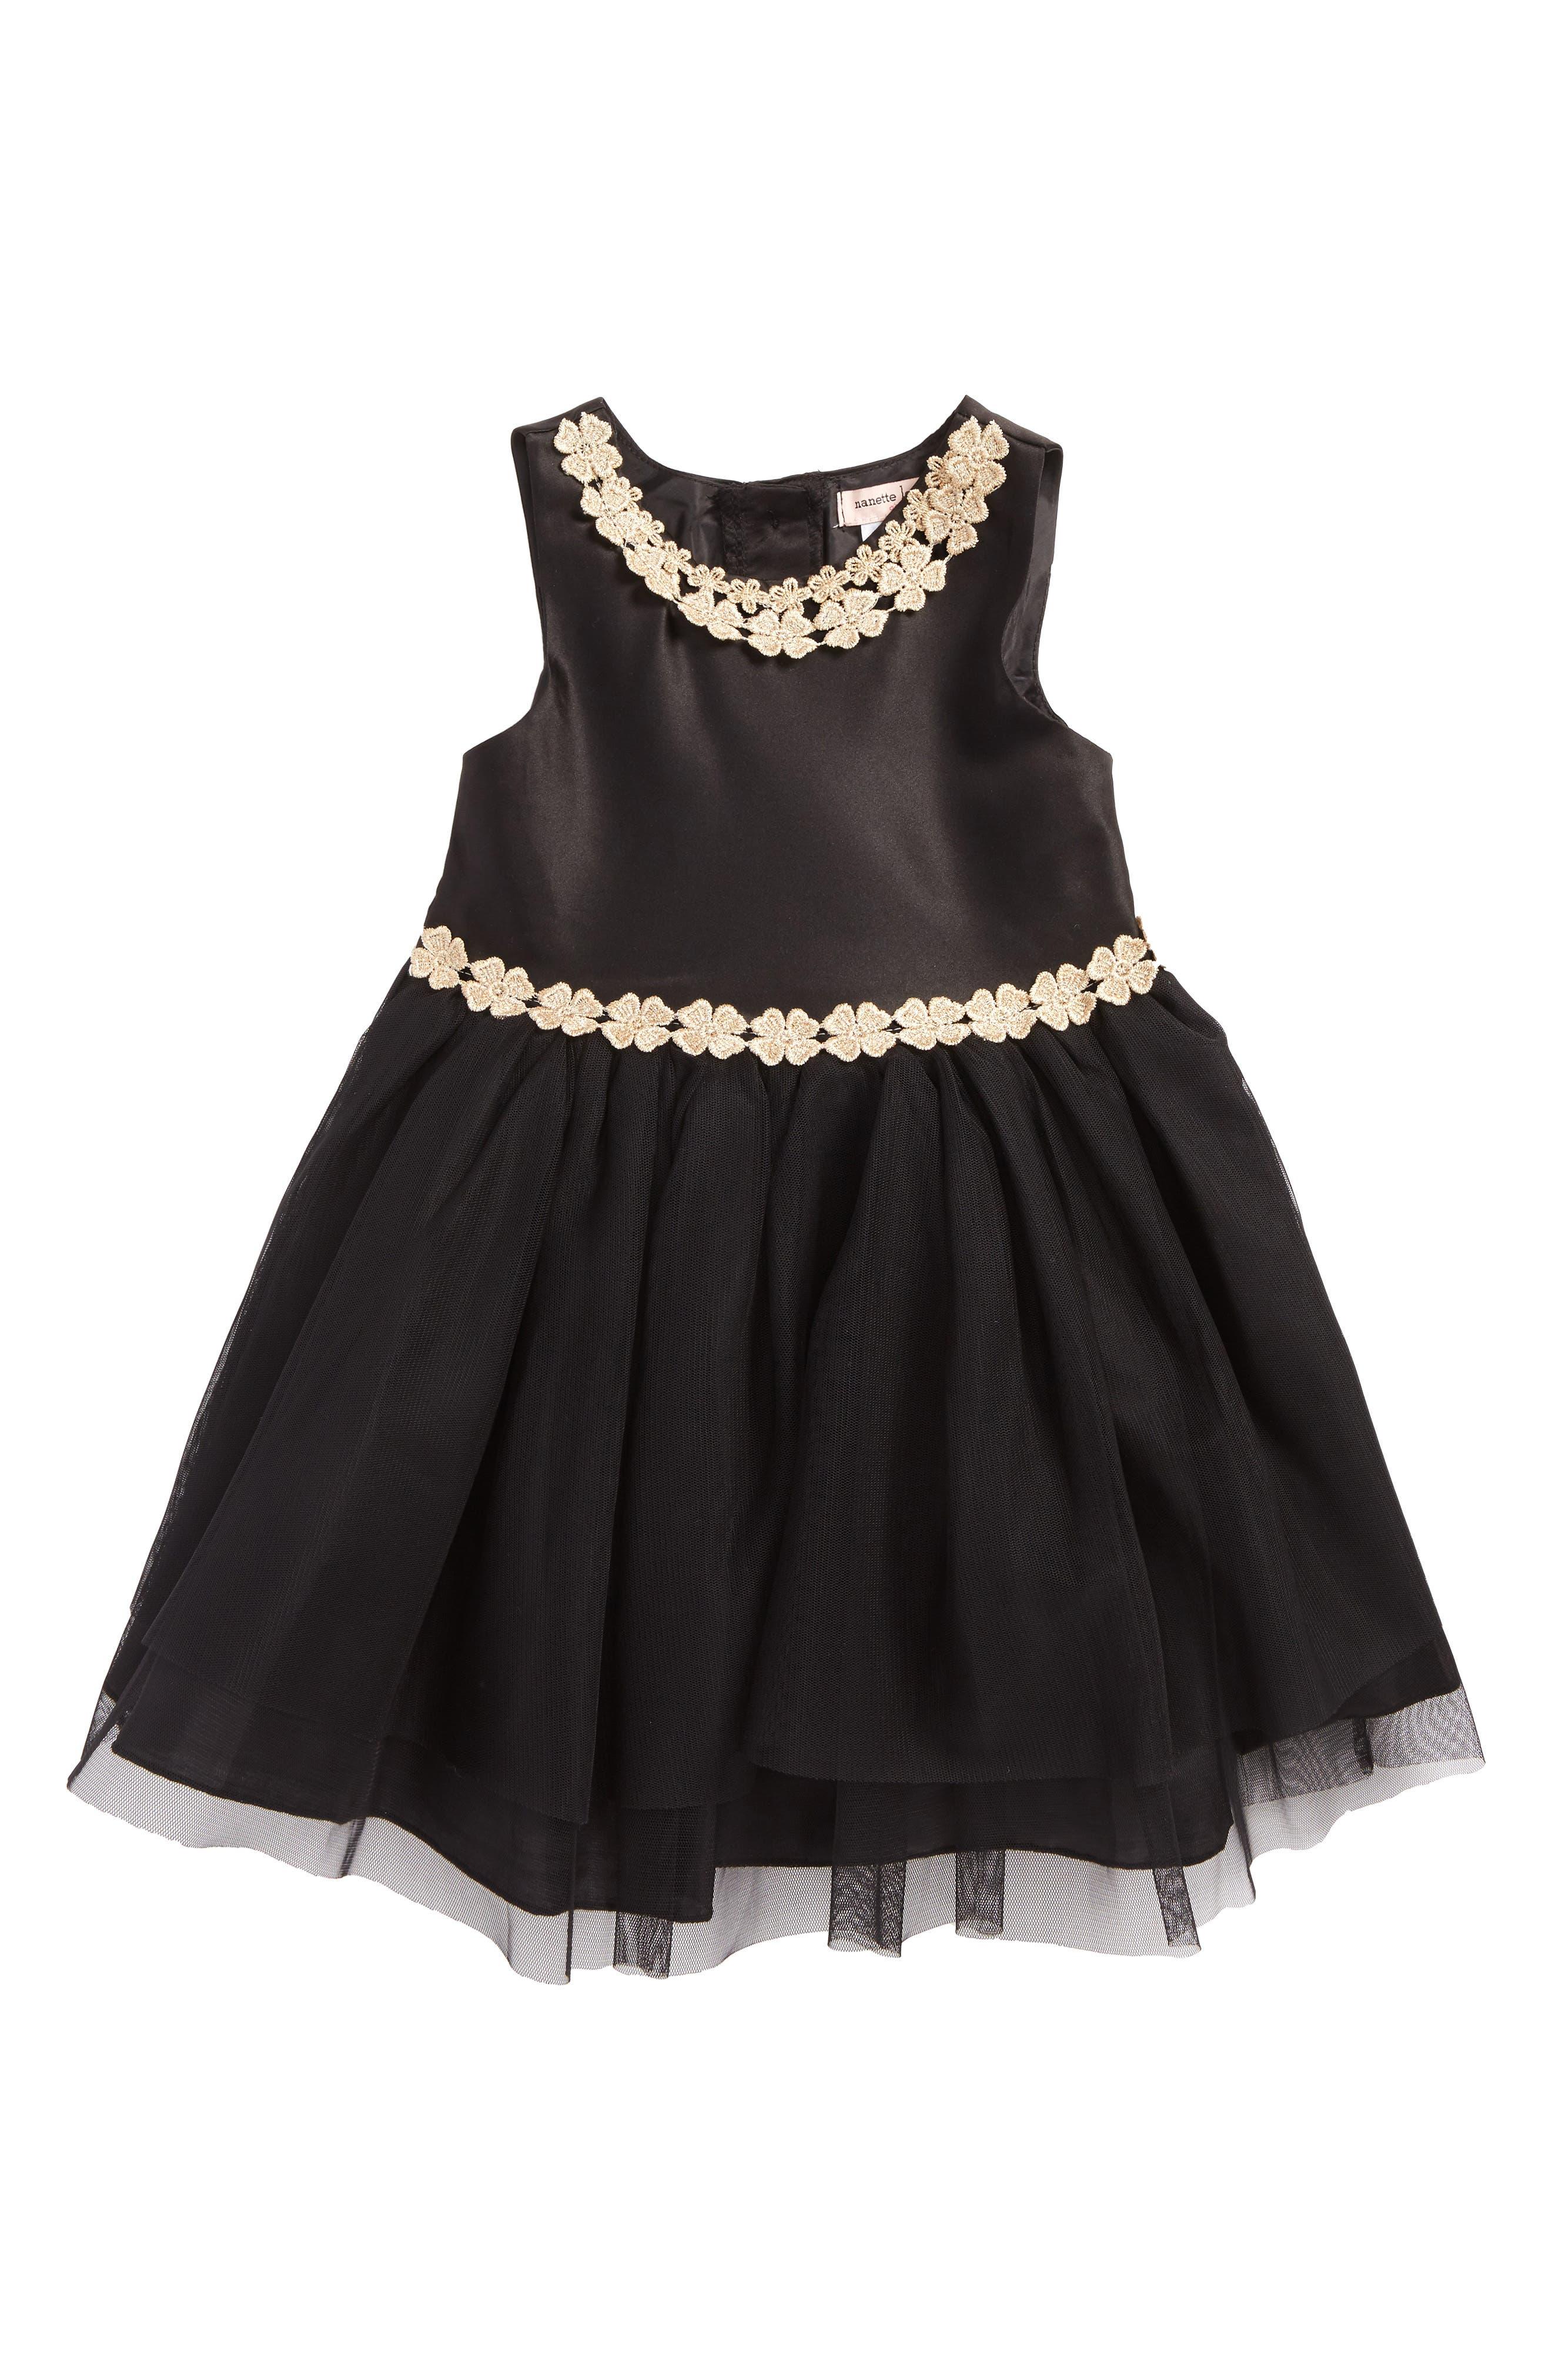 Main Image - Nanette Lepore Satin & Tulle Dress (Baby Girls)